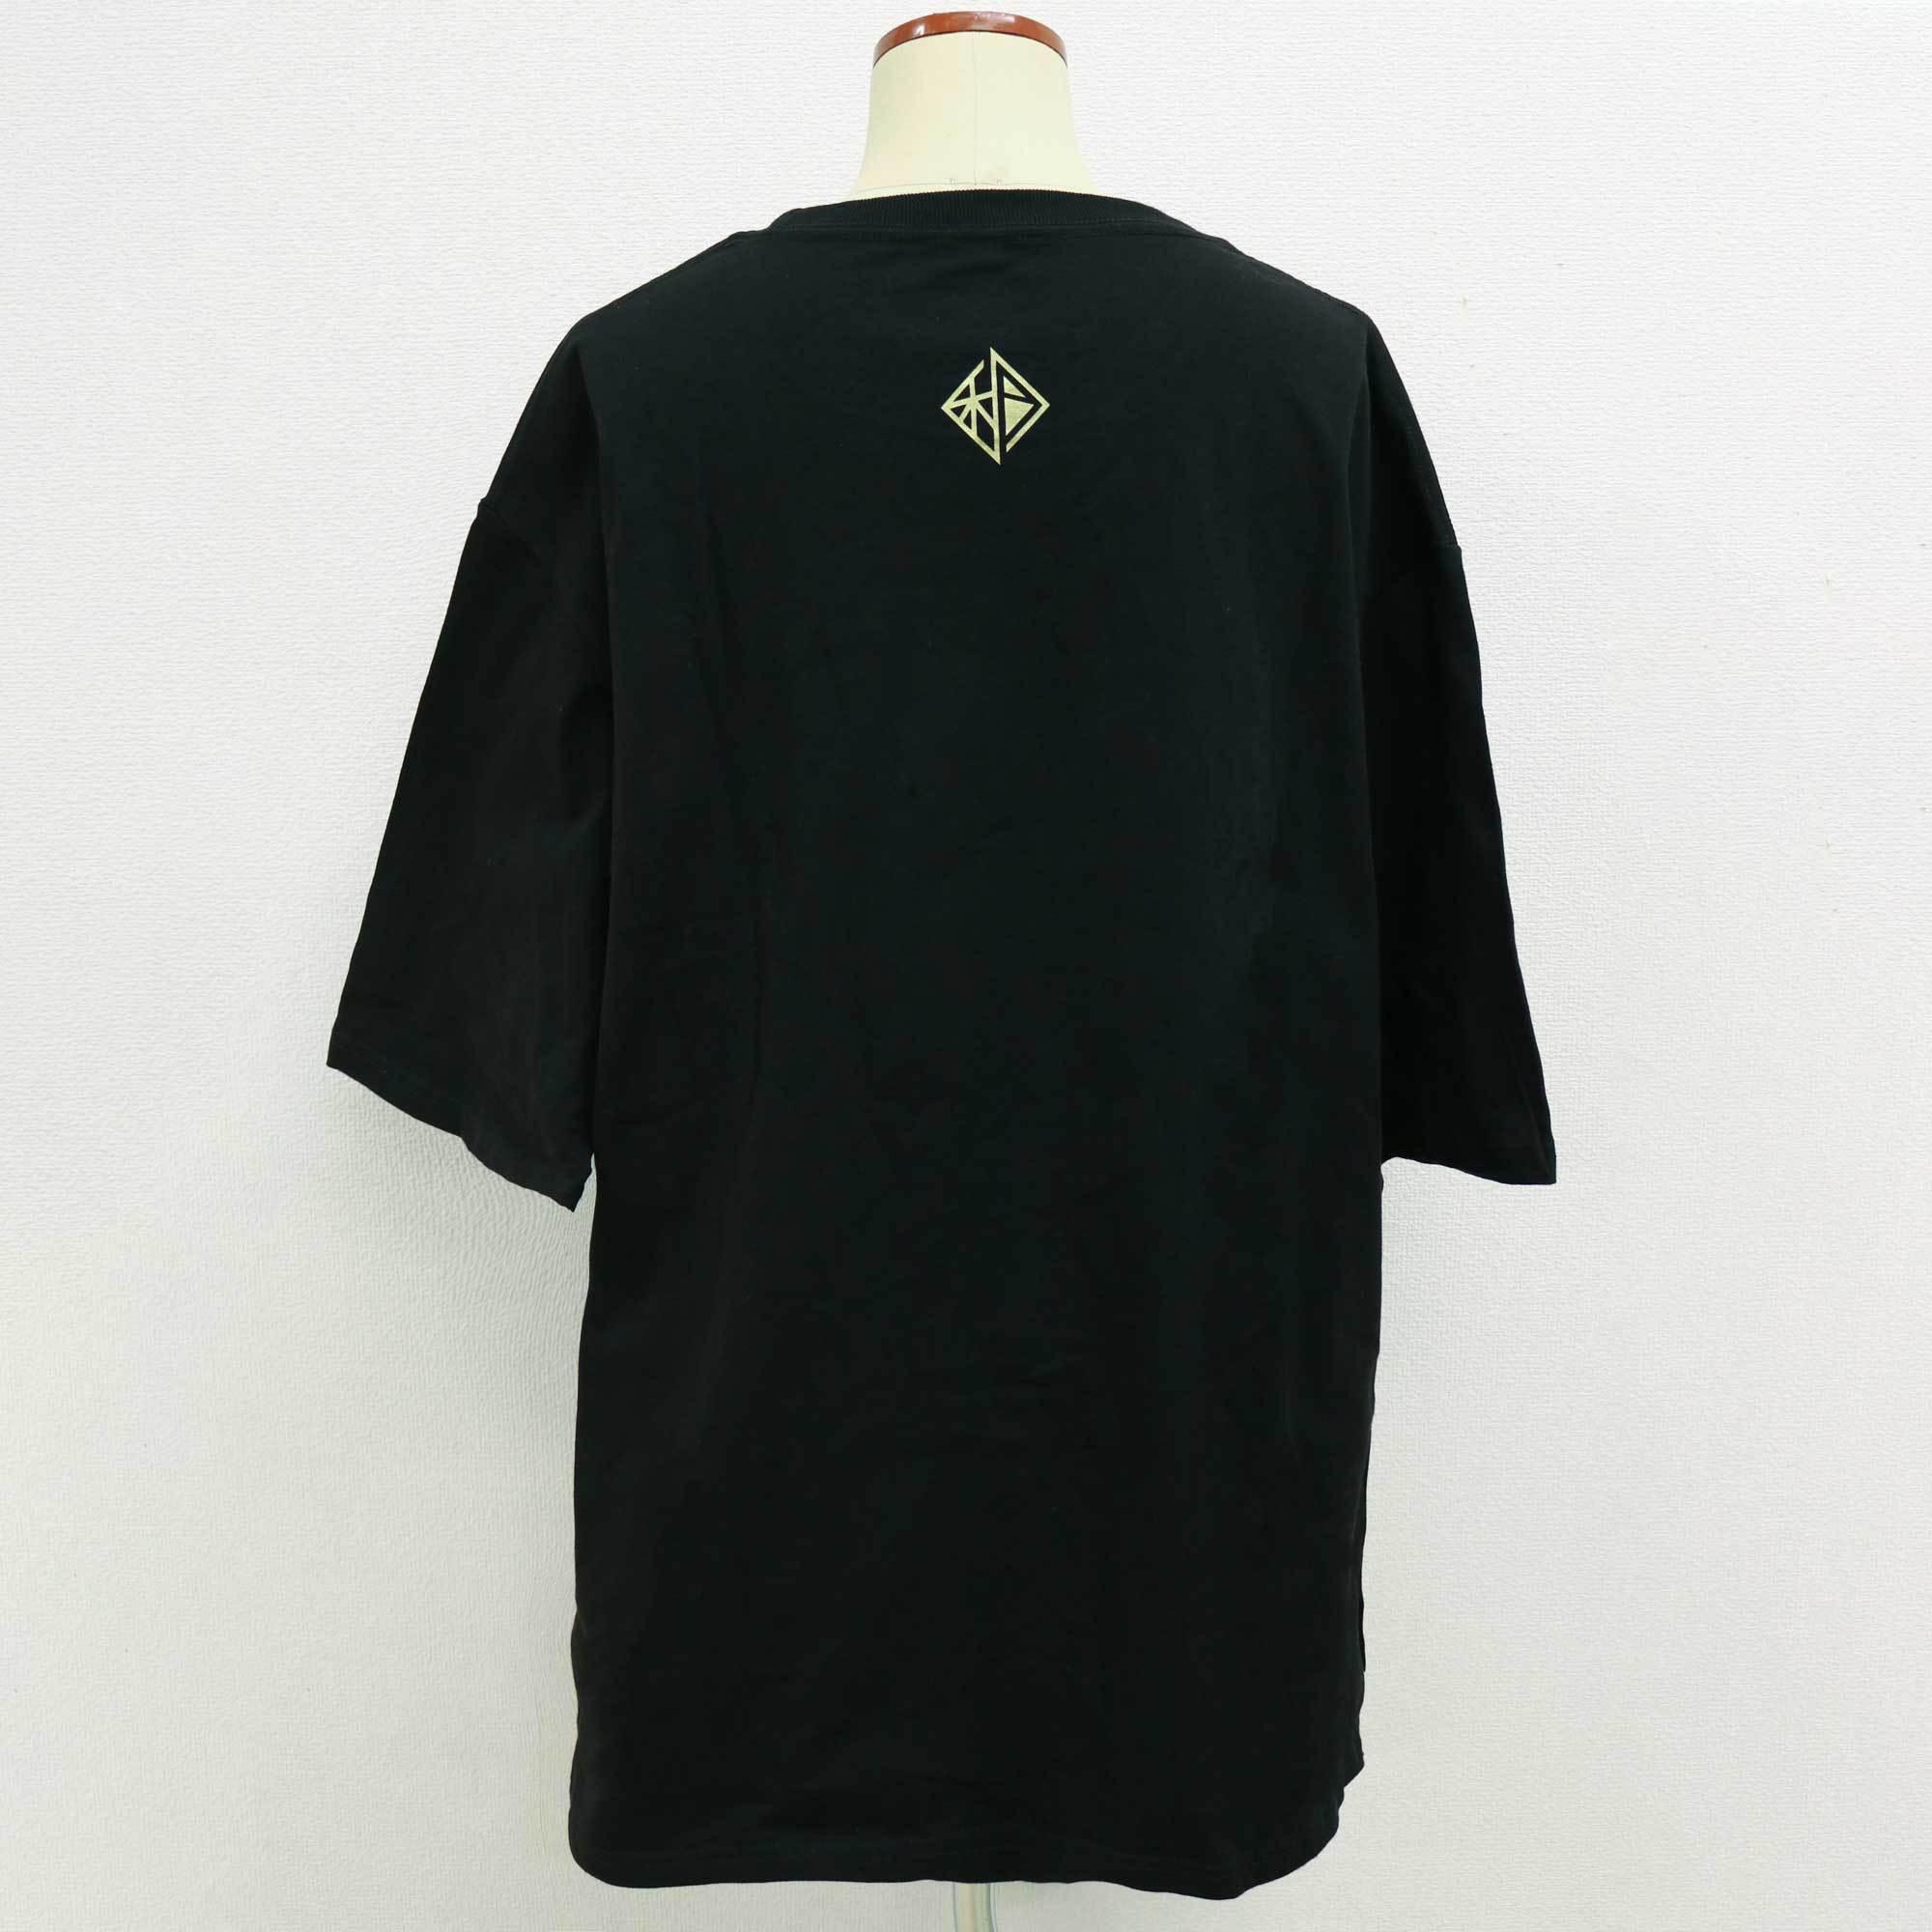 【1/3会場受取】ビッグシルエットTシャツ【大新年会2021】